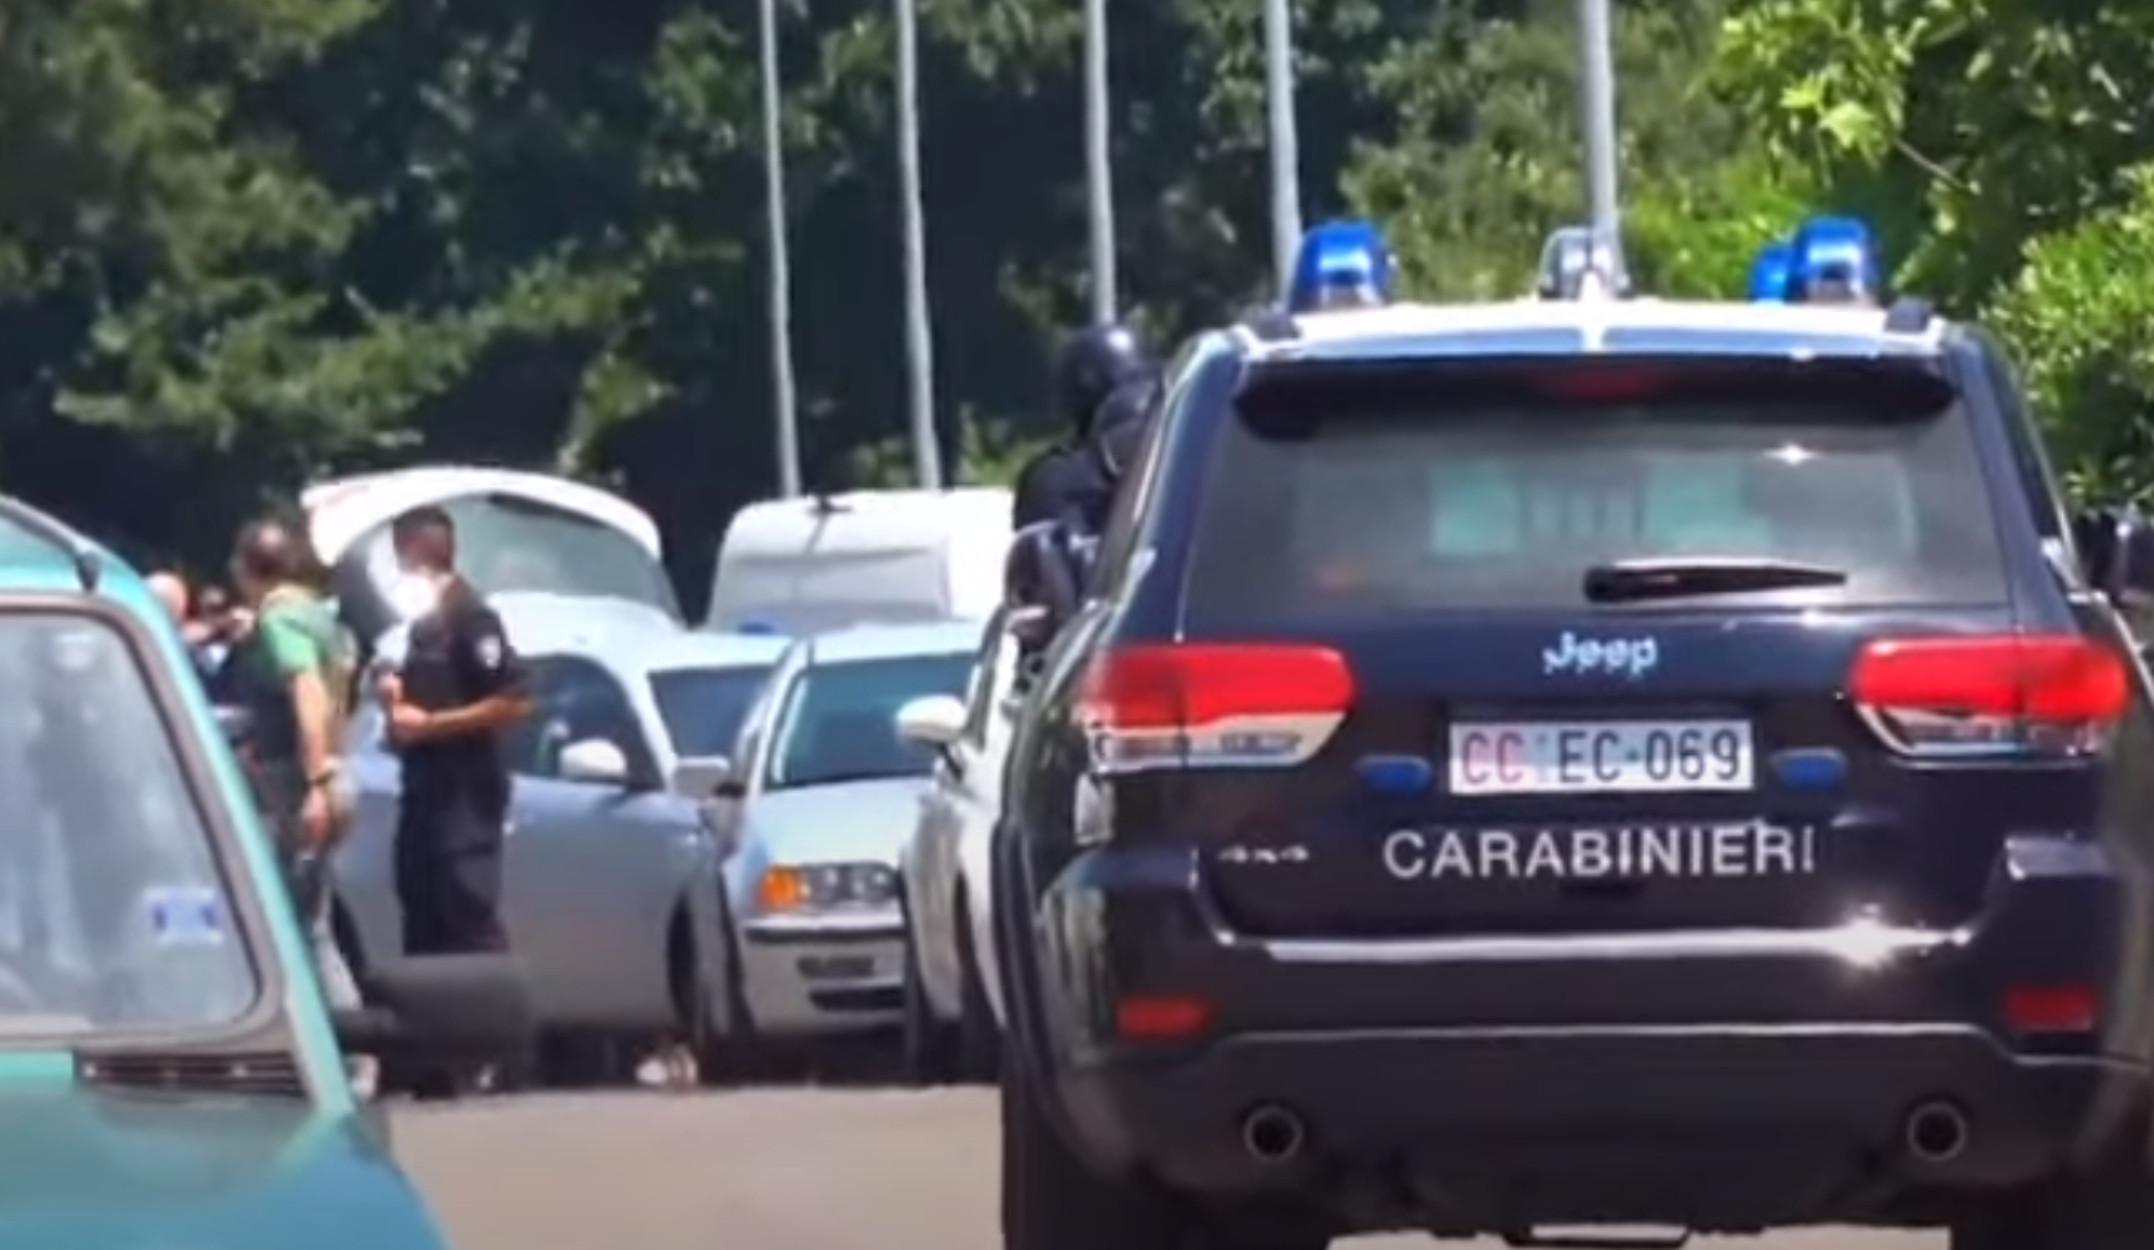 Ρώμη: Μακελειό στην Αρντέα! 3 νεκροί από πυροβολισμούς – Μεταξύ αυτών 2 μικρά παιδιά